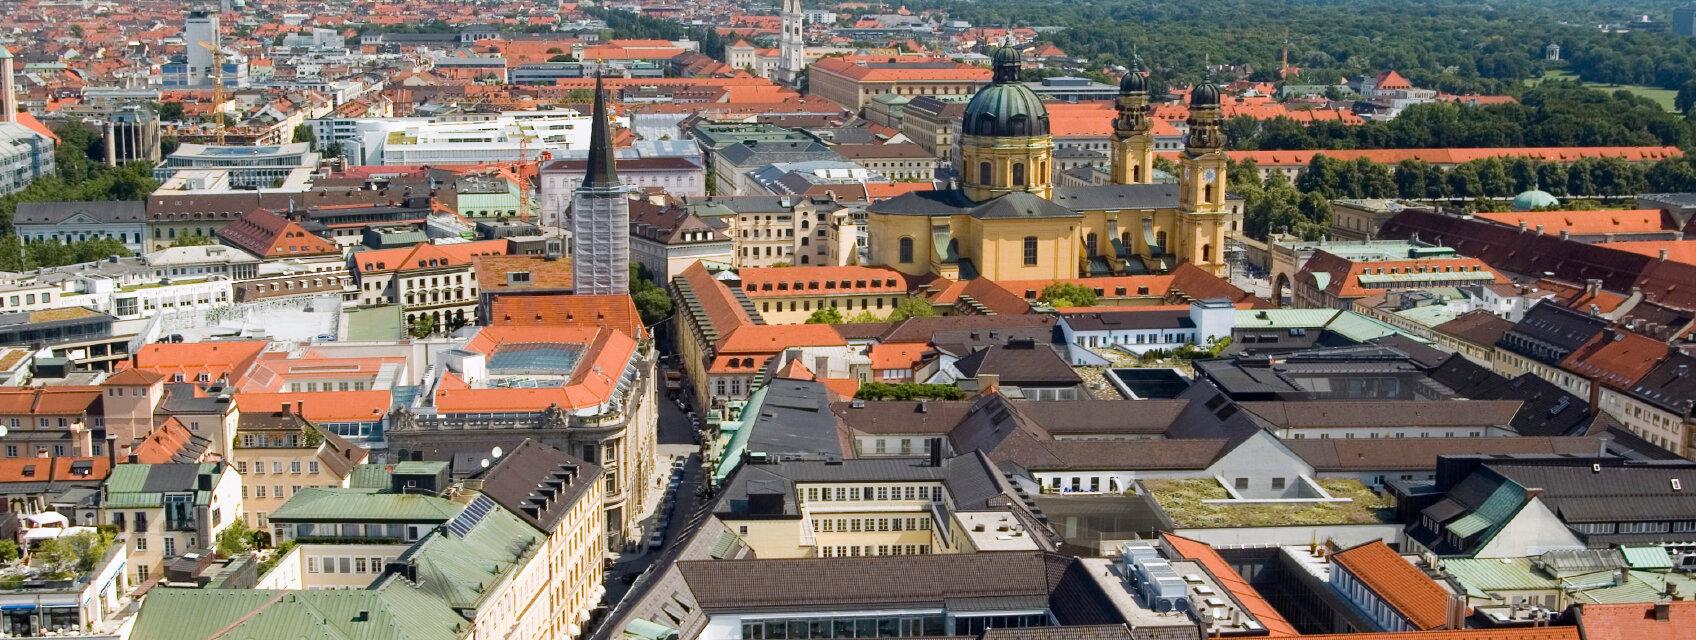 Поиск отелей в Мюнхене